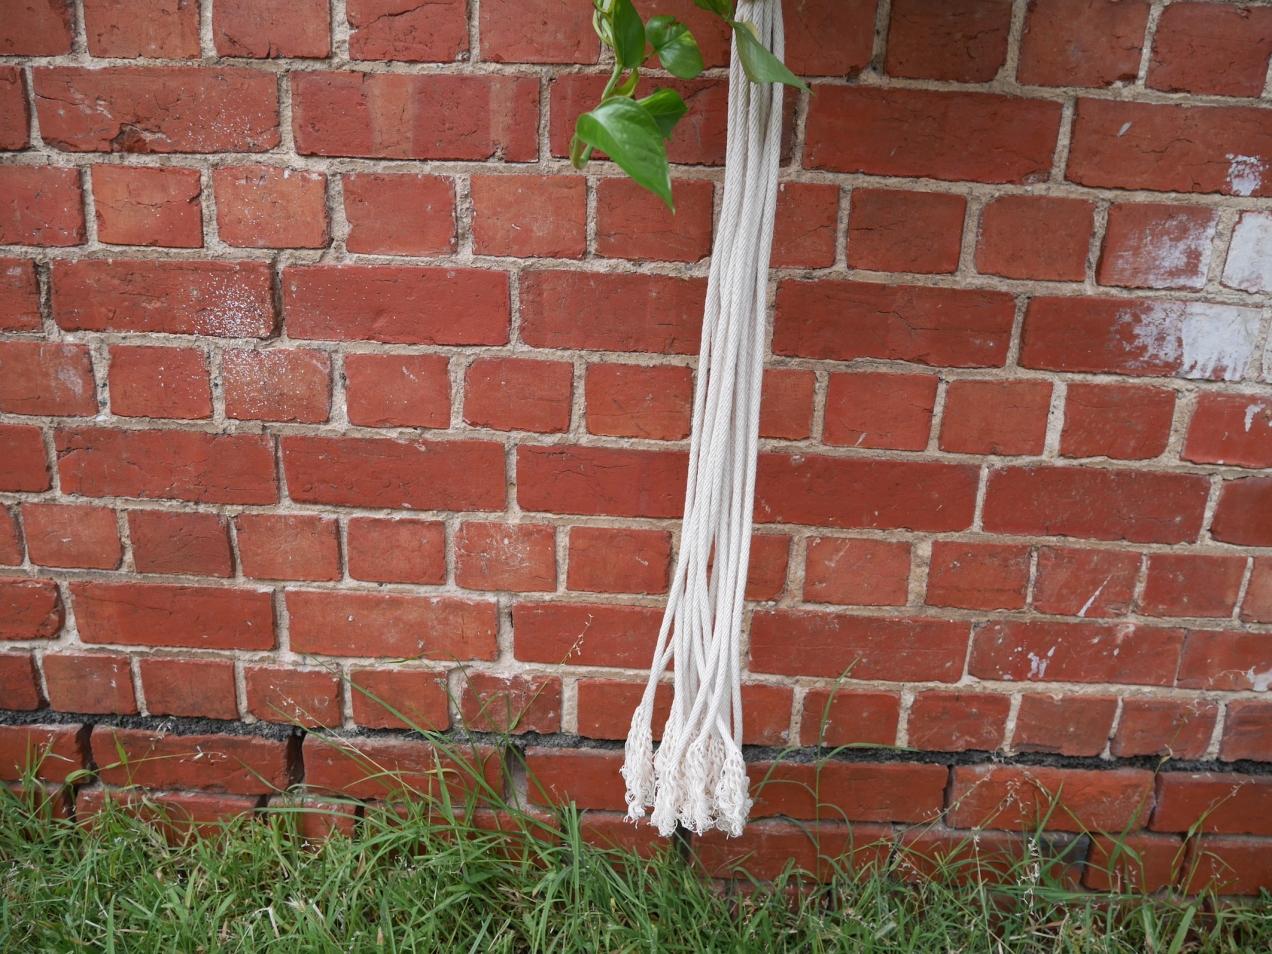 macrame plant hanger Adelaide Australia